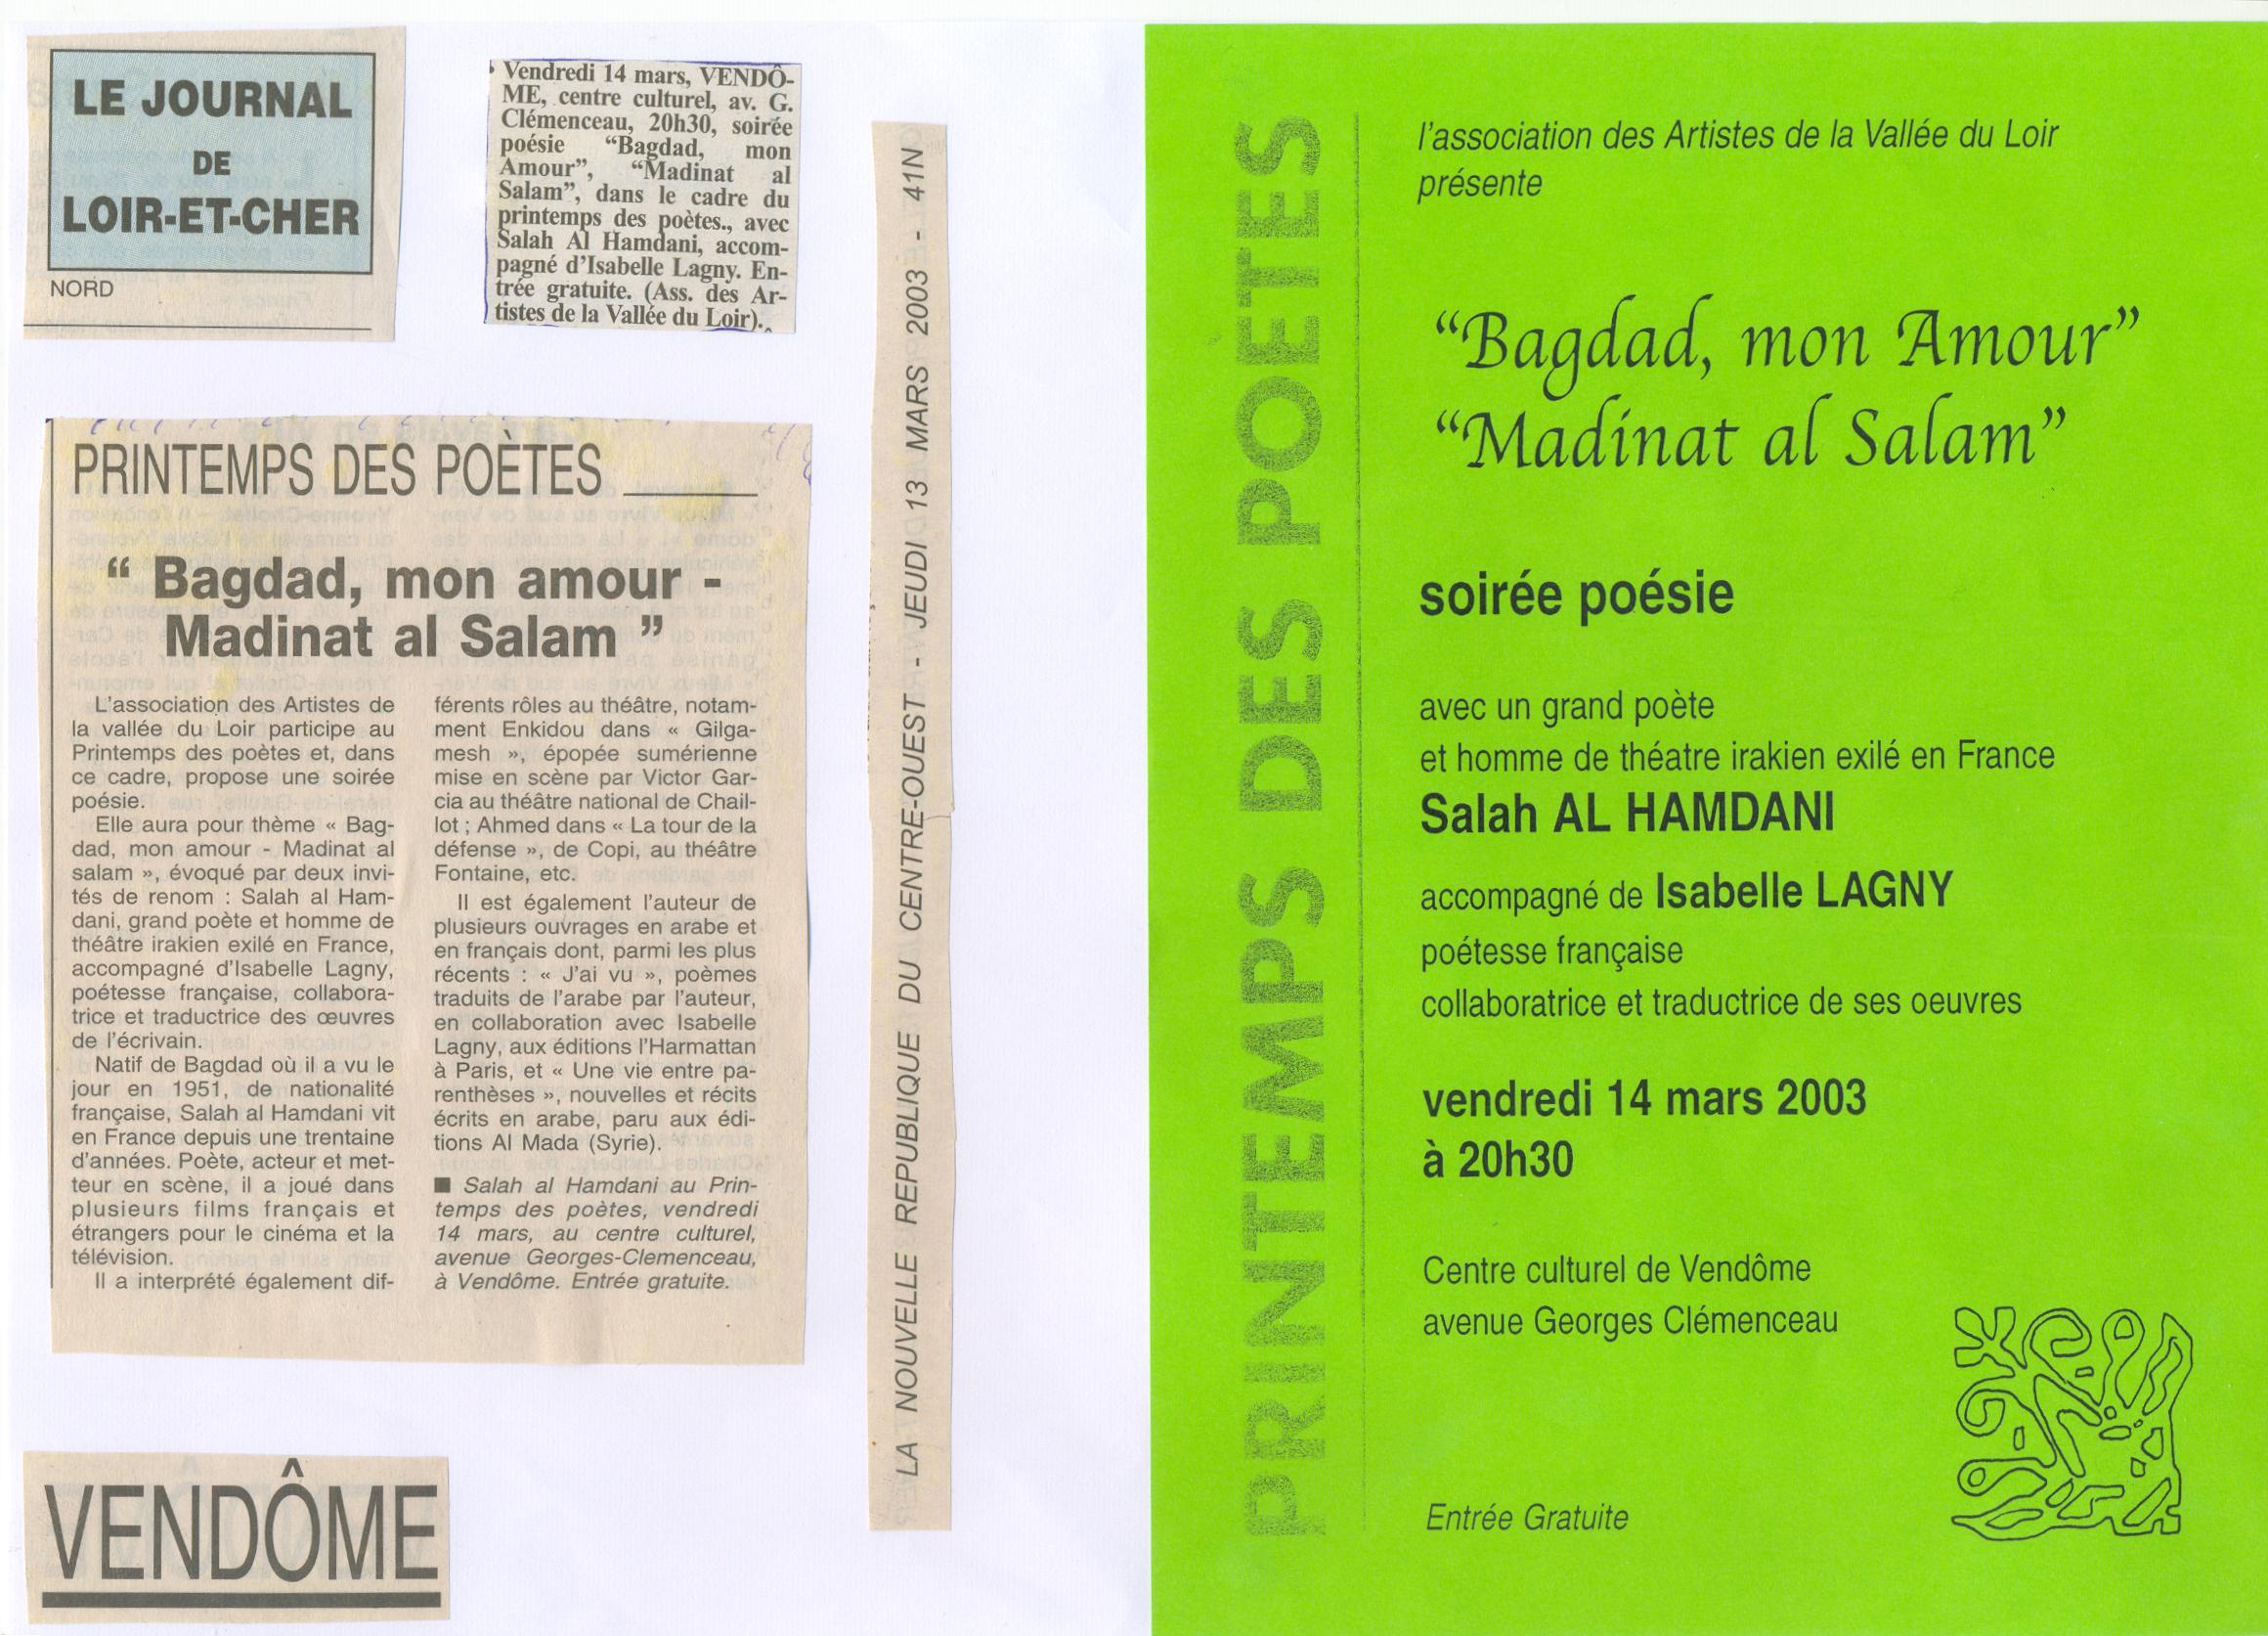 Note_Vendôme.JPG